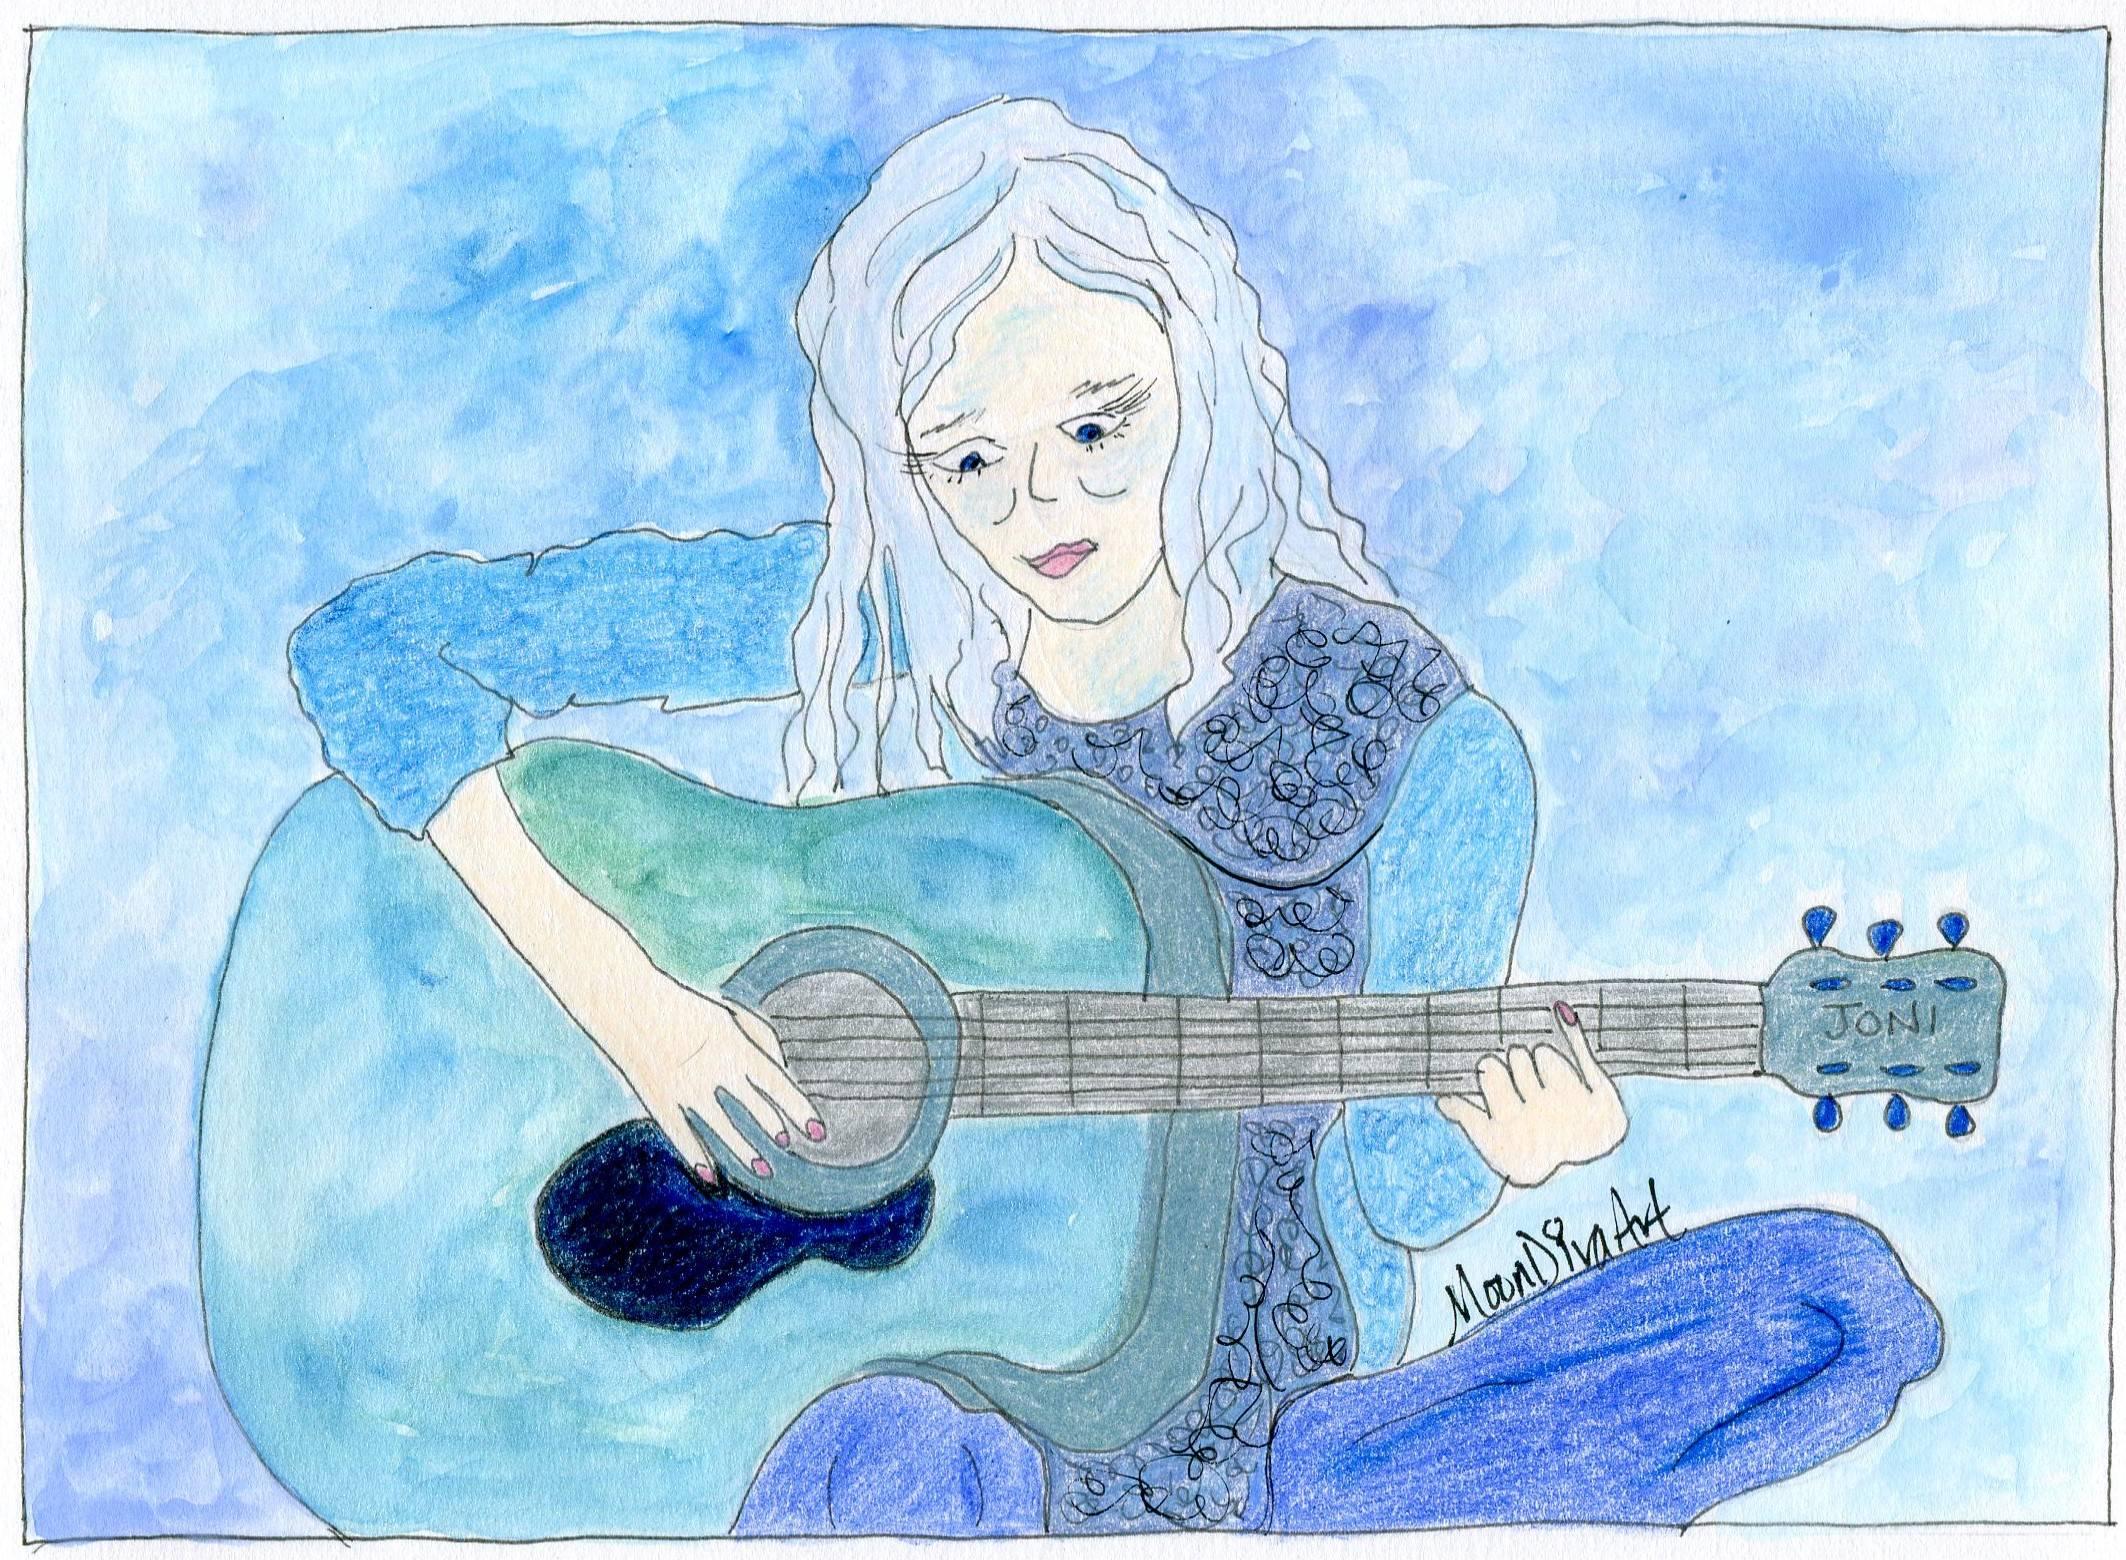 Joni Blue